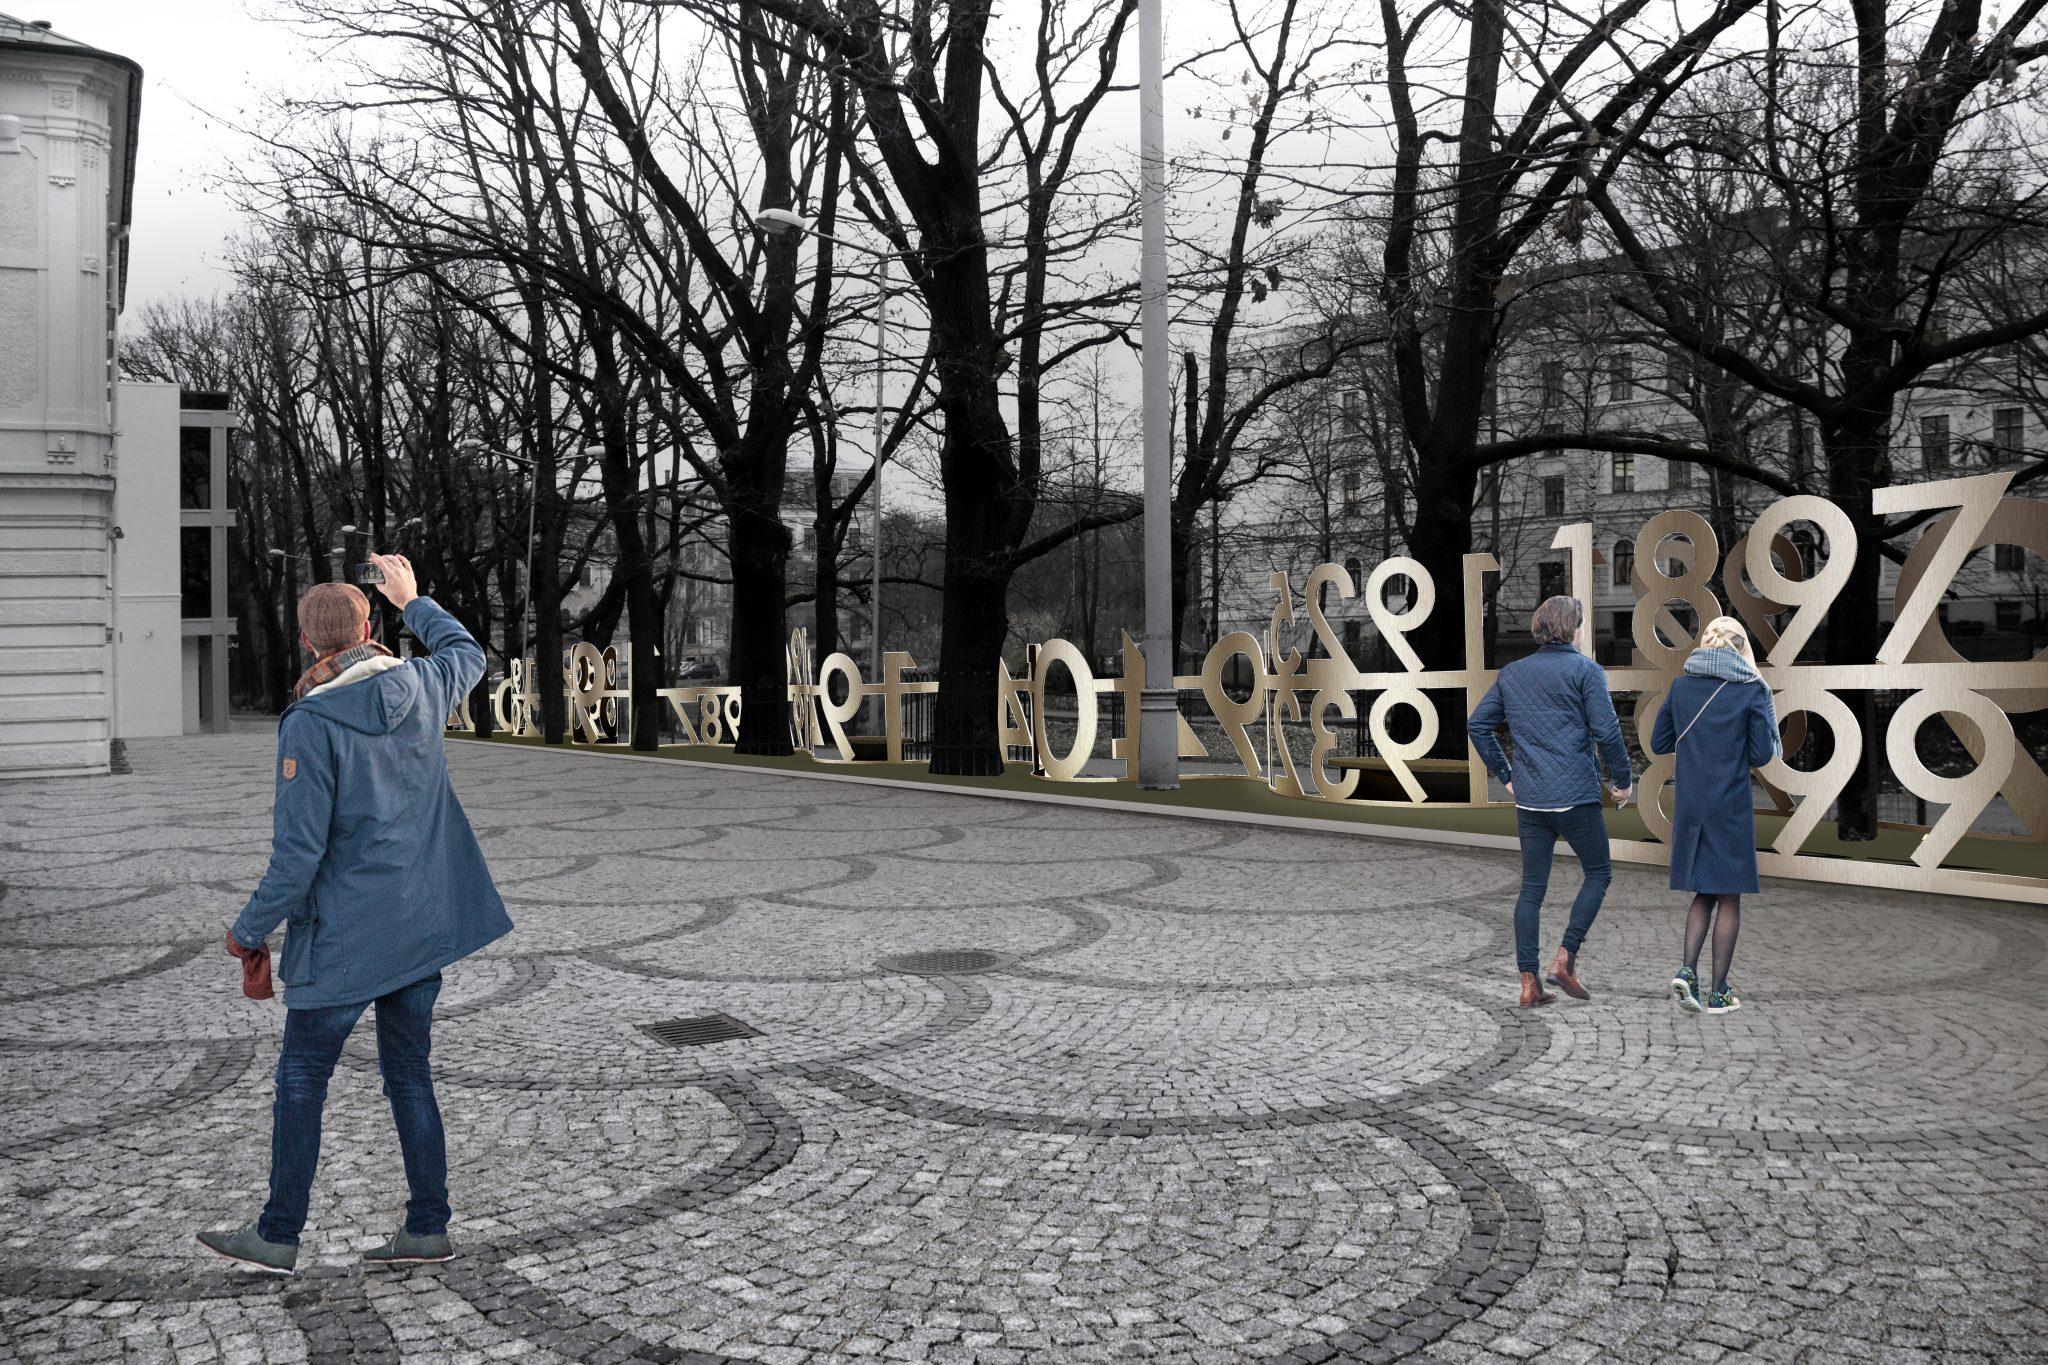 """Pie Latvijas Nacionālā teātra veidos aleju ar nosaukumu """"Laika priekškars"""""""